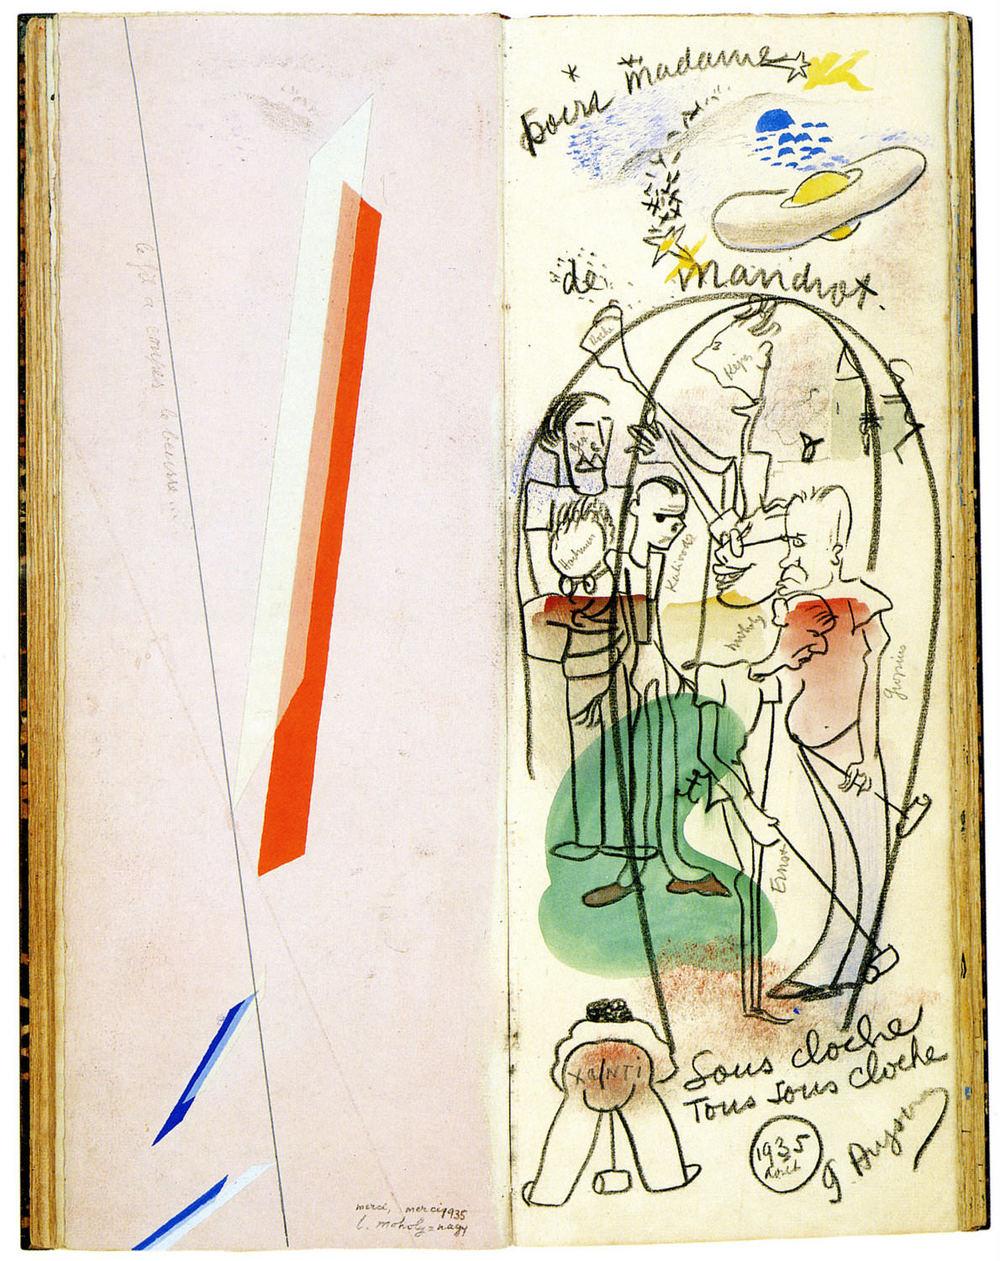 Abb. 12b:Gästebuch vom Künstlerhaus in La Sarraz, 1935. A1, mit Einträgen von László Moholy-Nagy u. Géa Augsbourg © Archives cantonales vaudoises, Chavannes-près-Renens